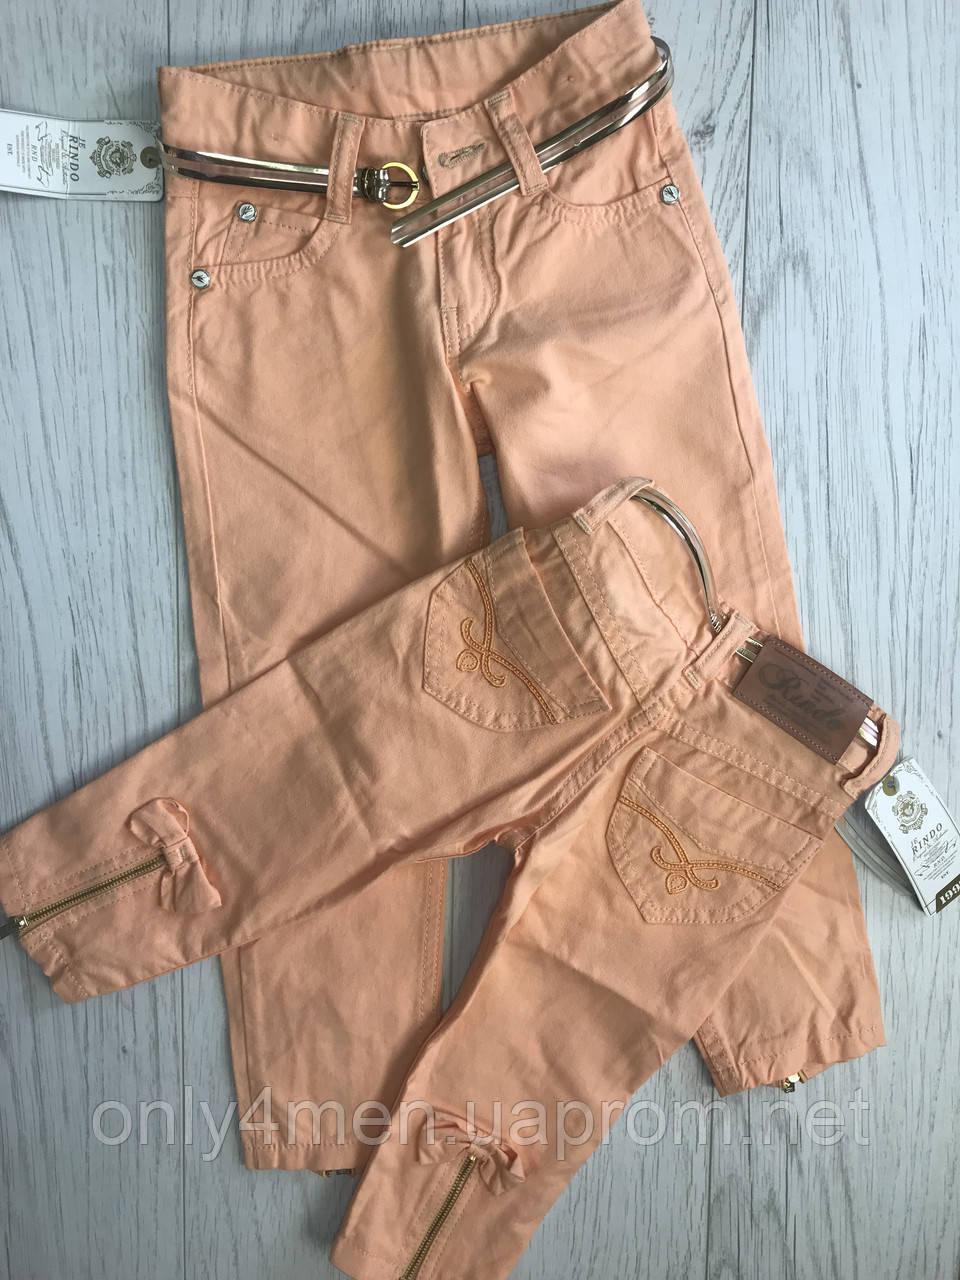 Детские штаны персик, для девочек 1-5 лет